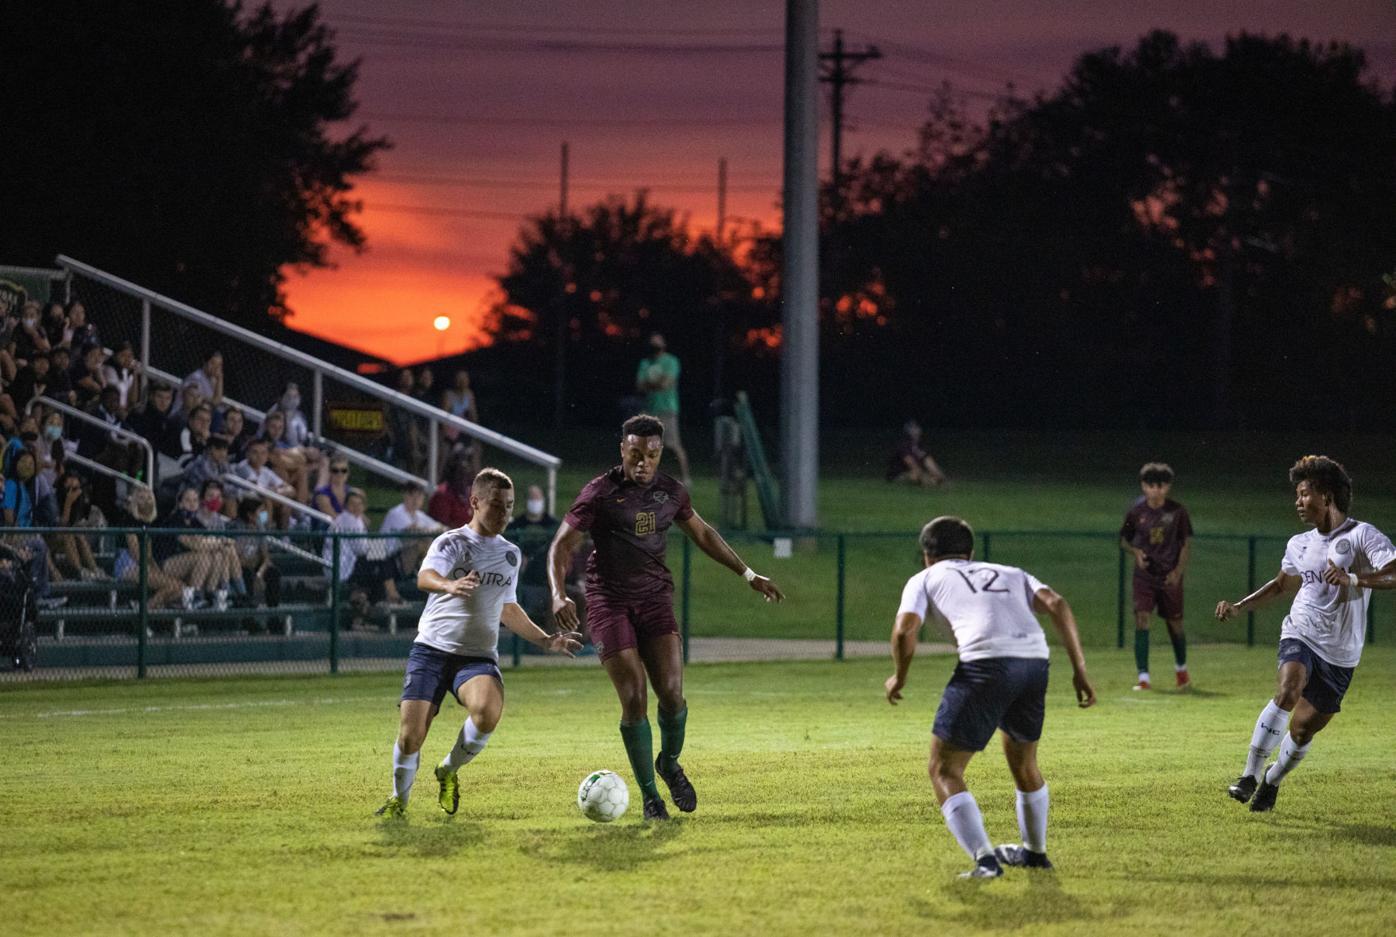 Sports_boysprepsoccer091120-2.jpg